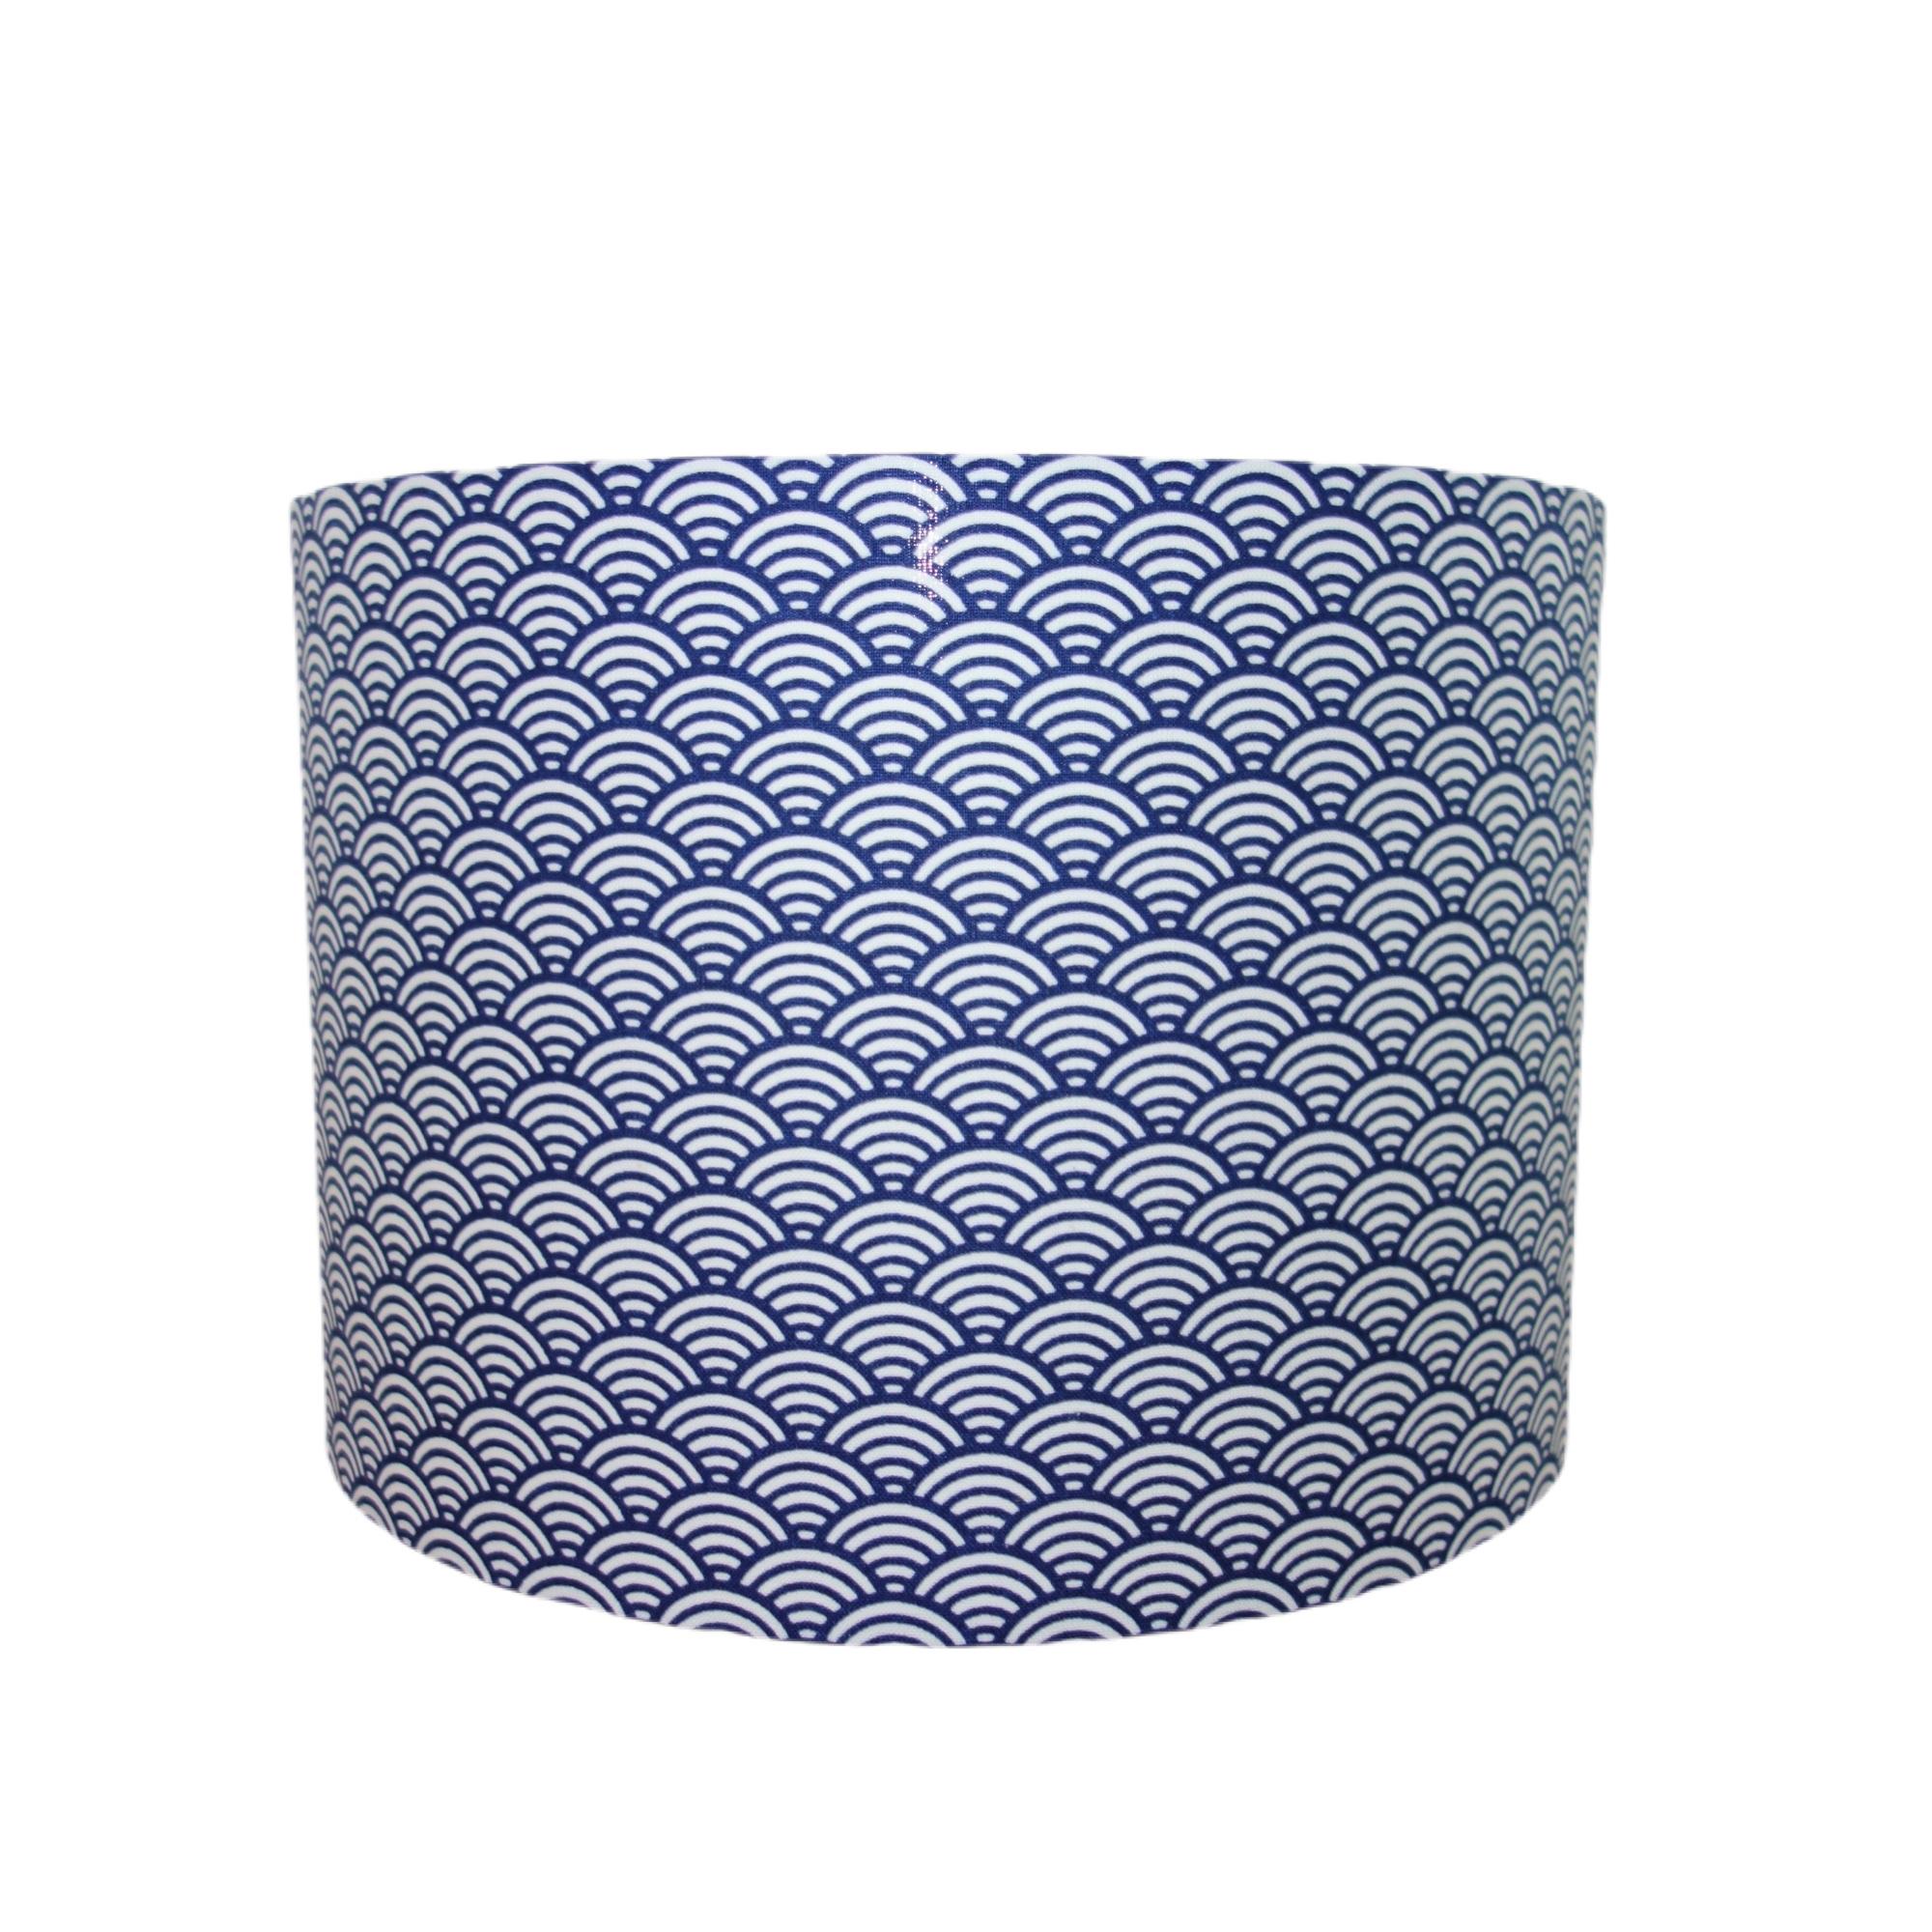 Suspension vague bleu marine diamètre 15 cm